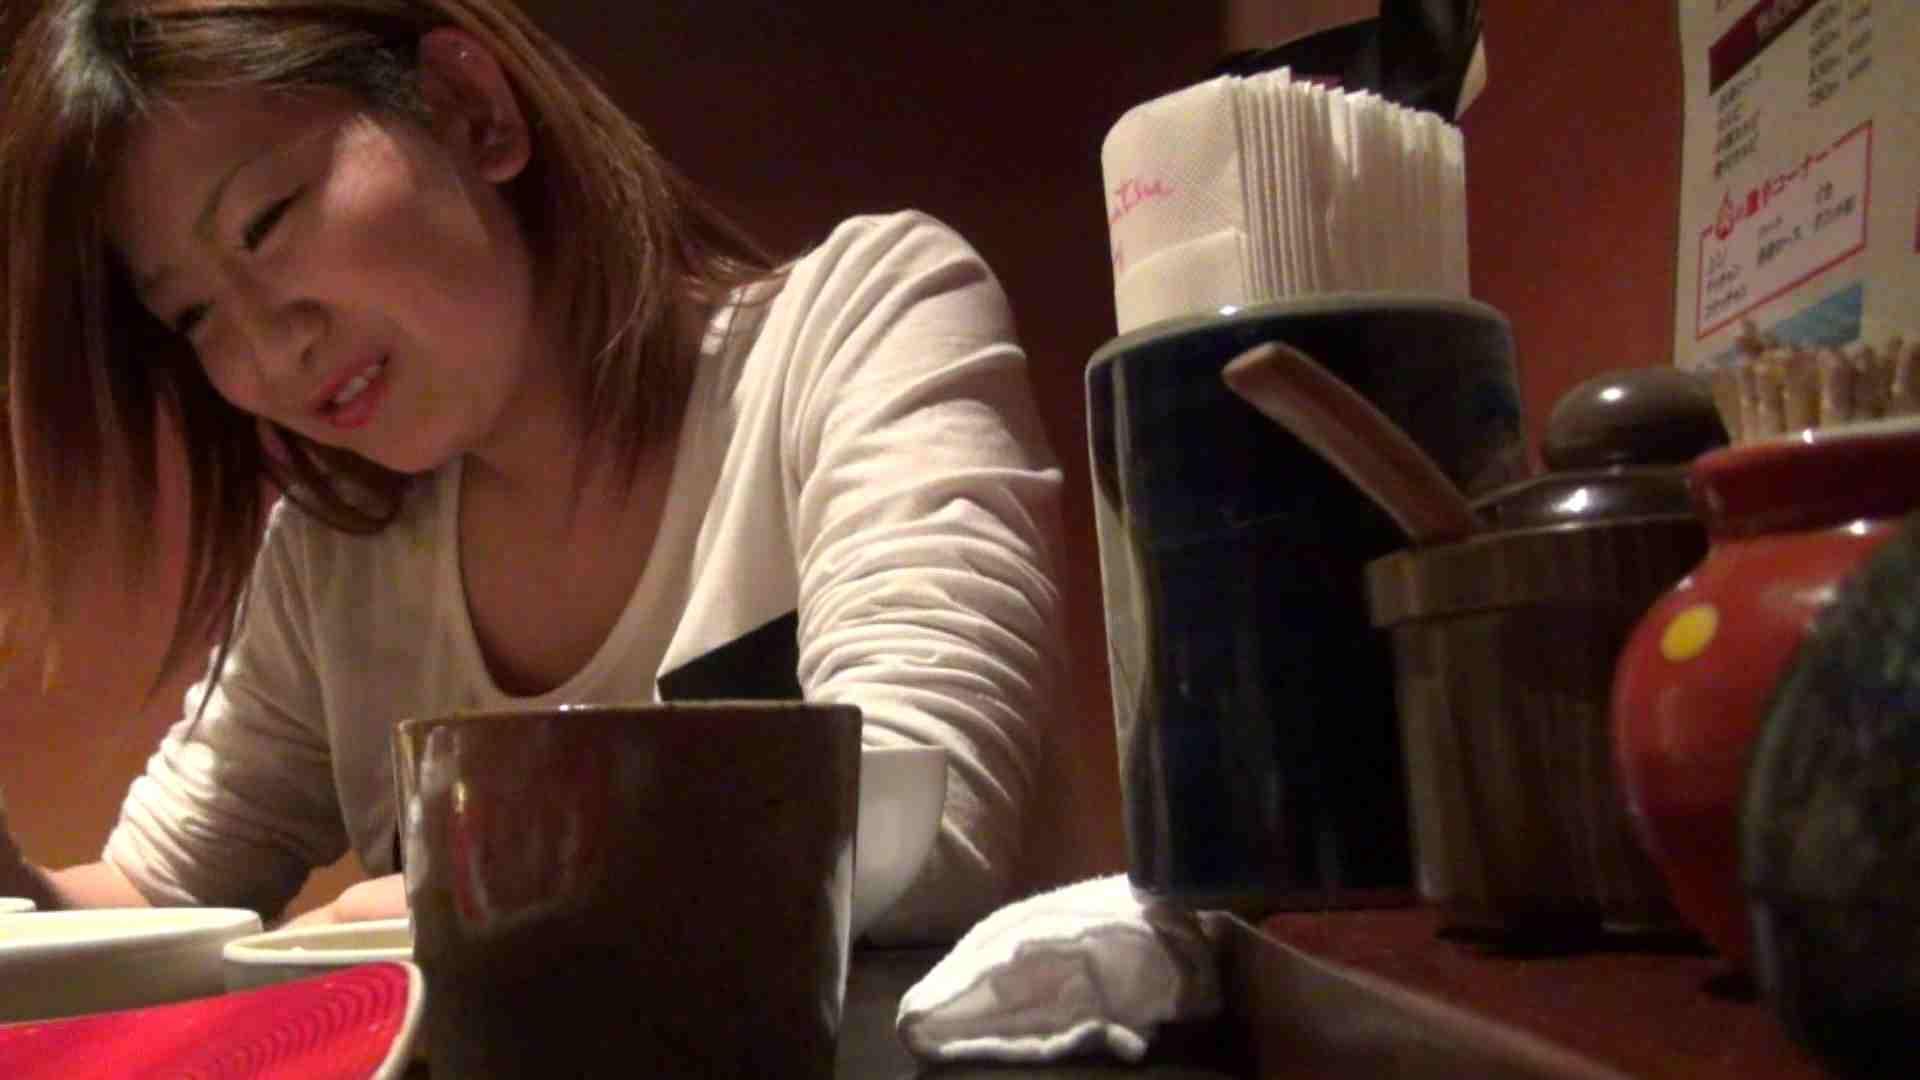 【出会い01】大助さんMちゃんと食事会 エッチすぎる友人   悪戯  54連発 25